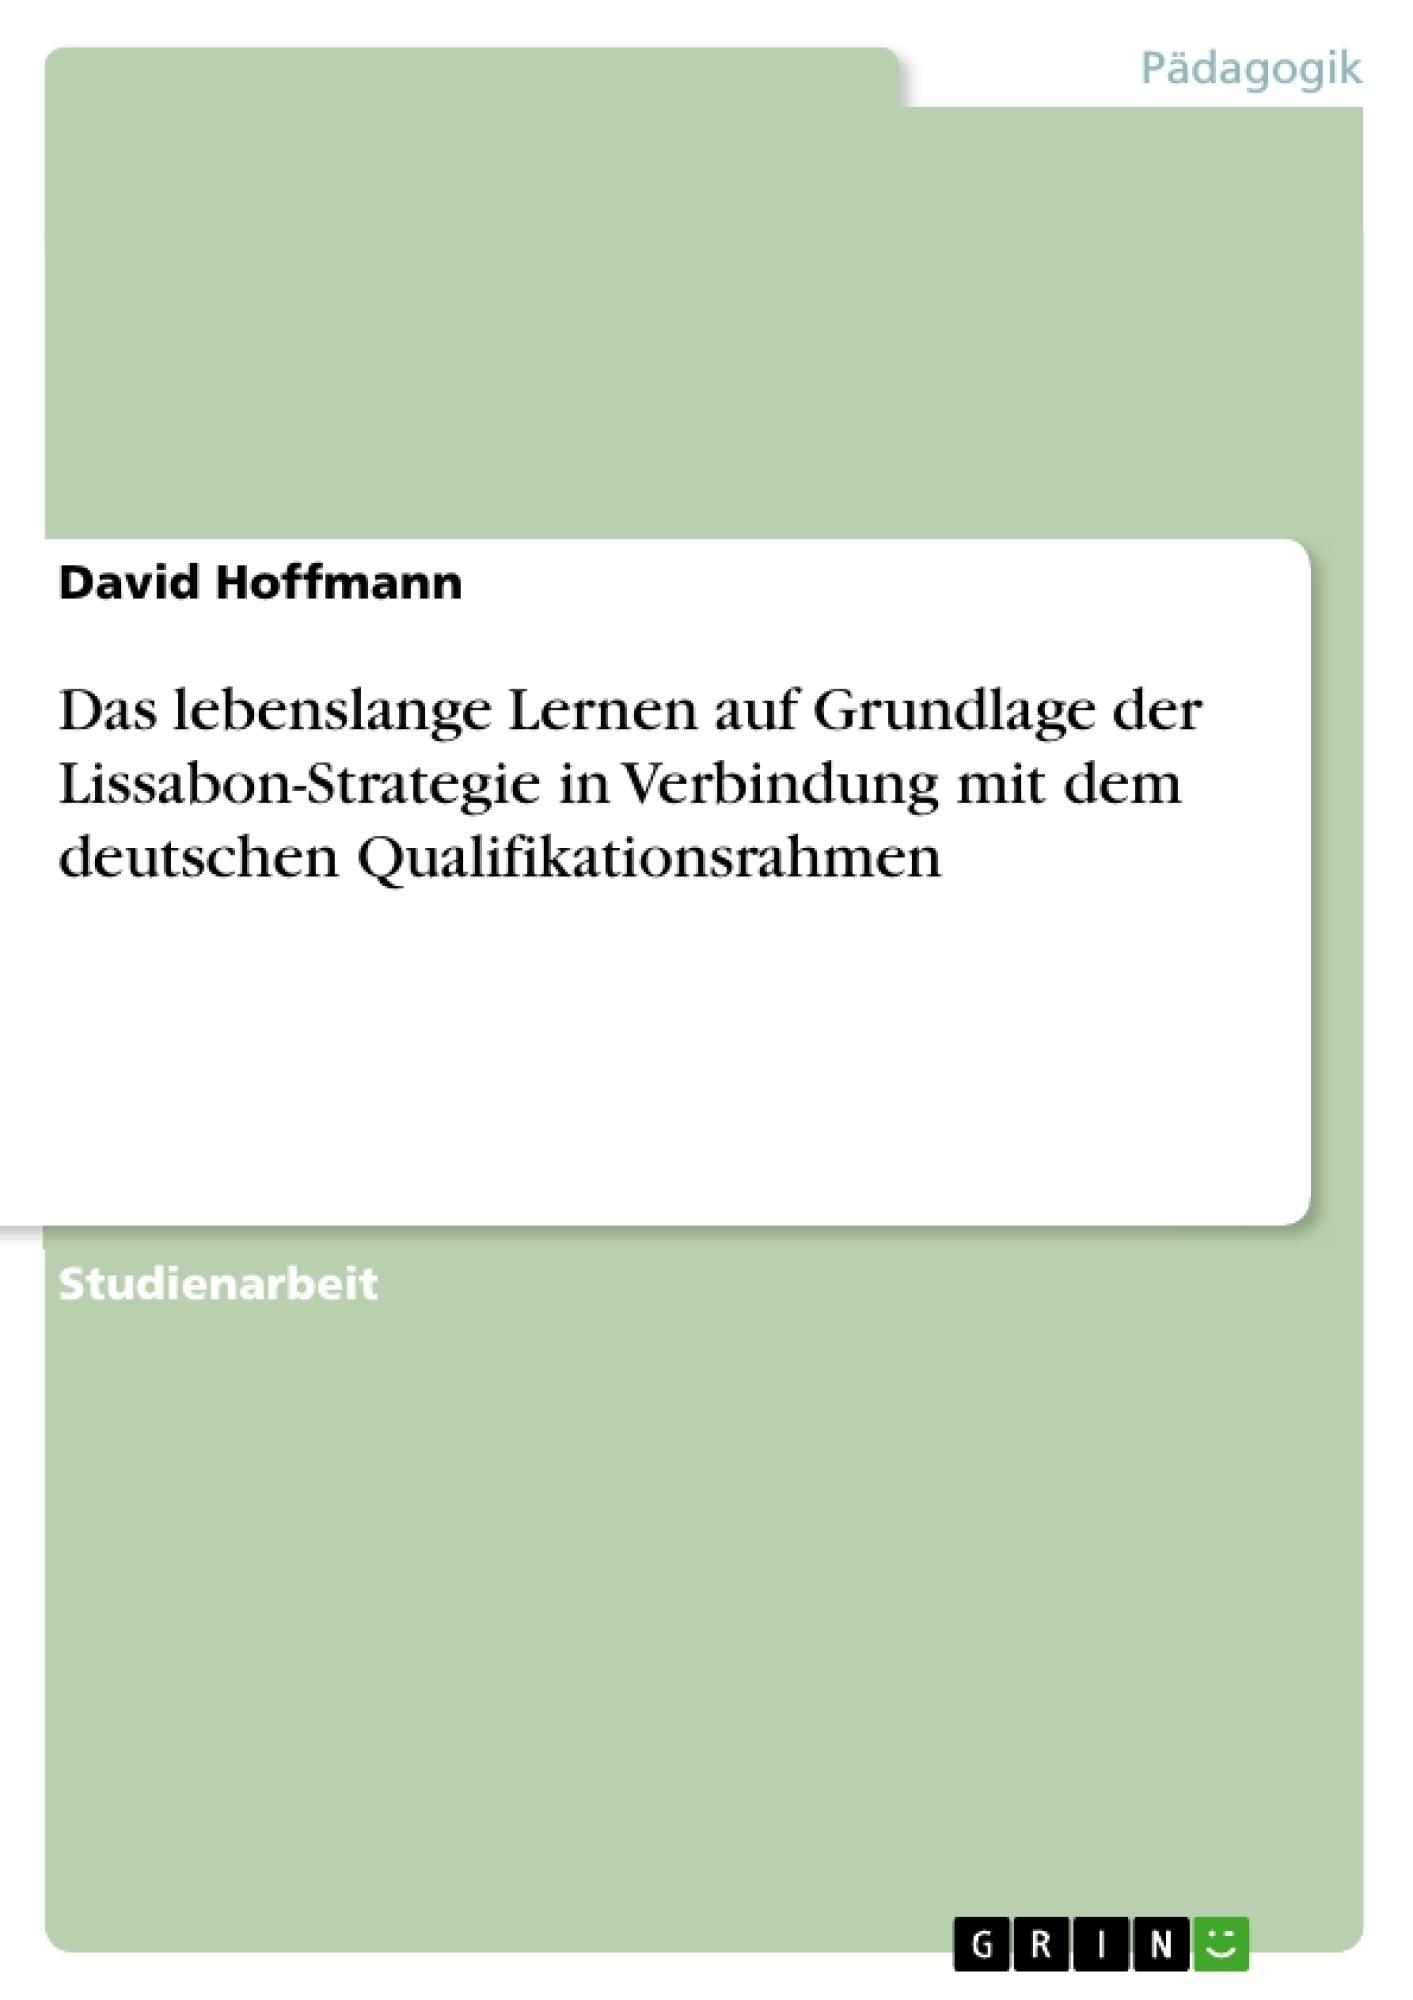 Titel: Das lebenslange Lernen auf Grundlage der Lissabon-Strategie in Verbindung mit dem deutschen Qualifikationsrahmen